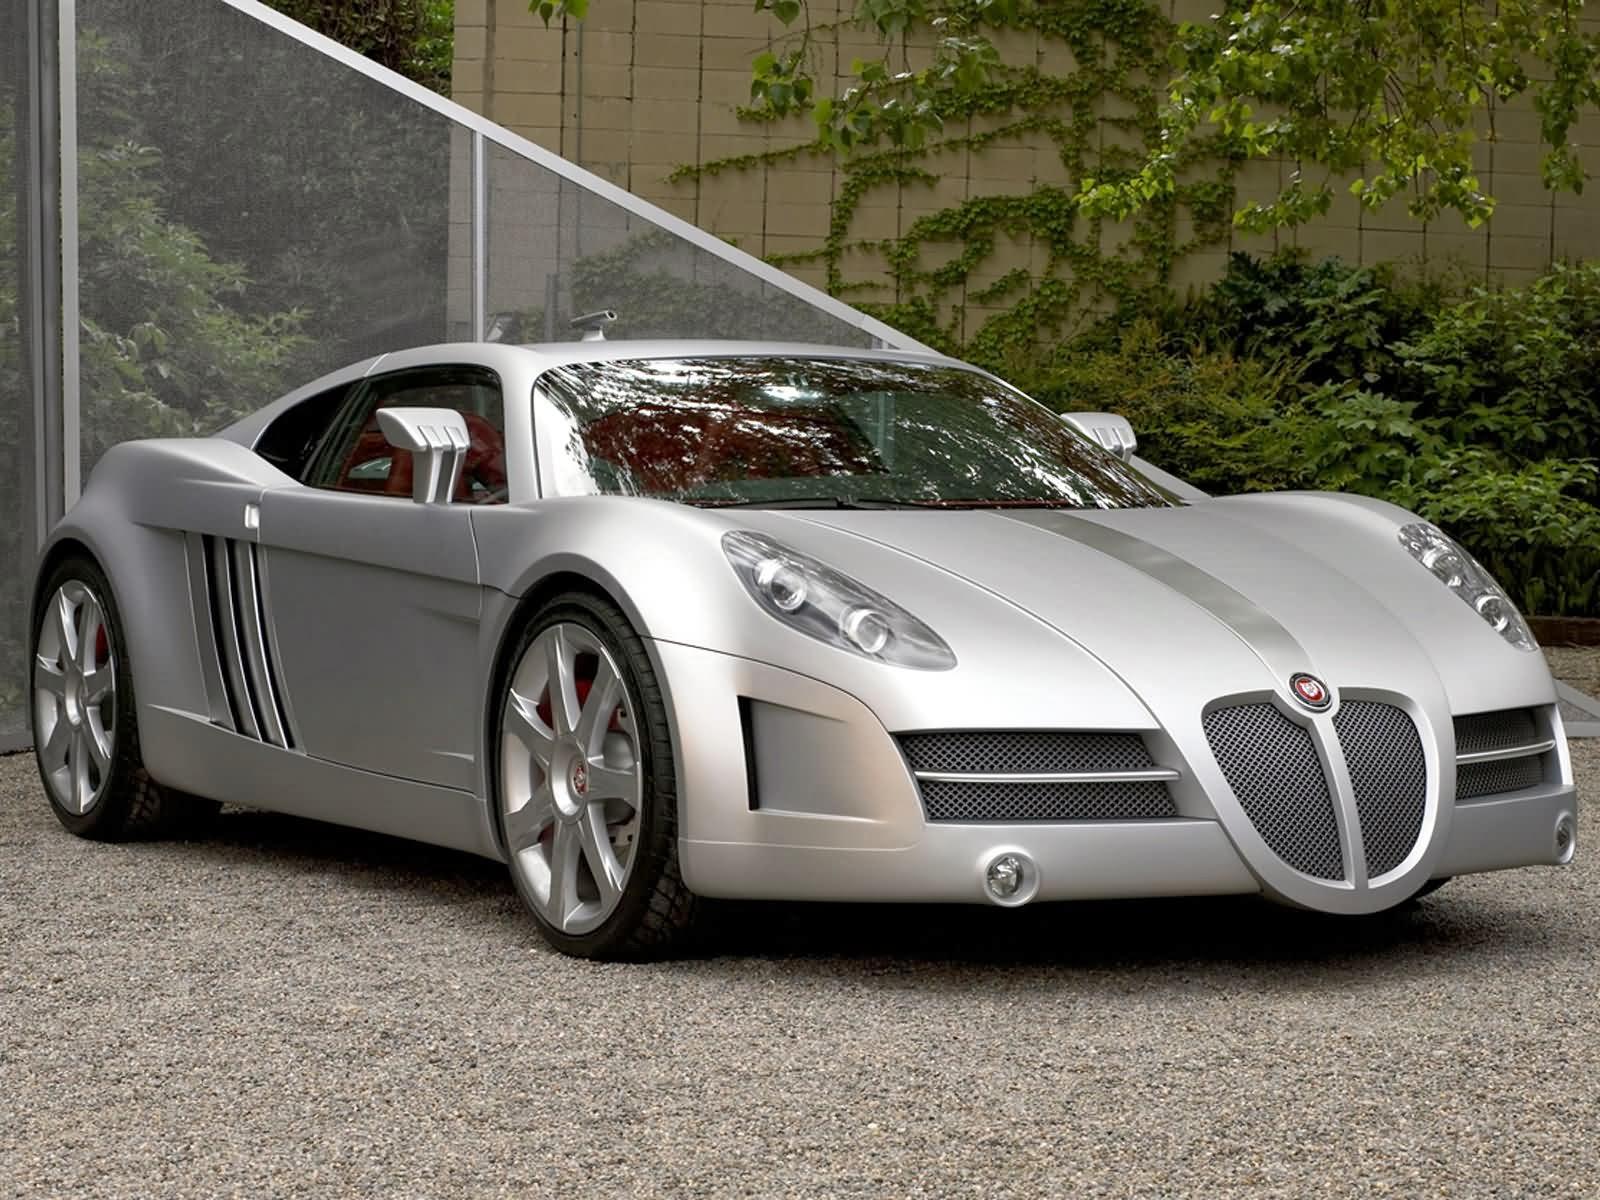 New Jaguar Models